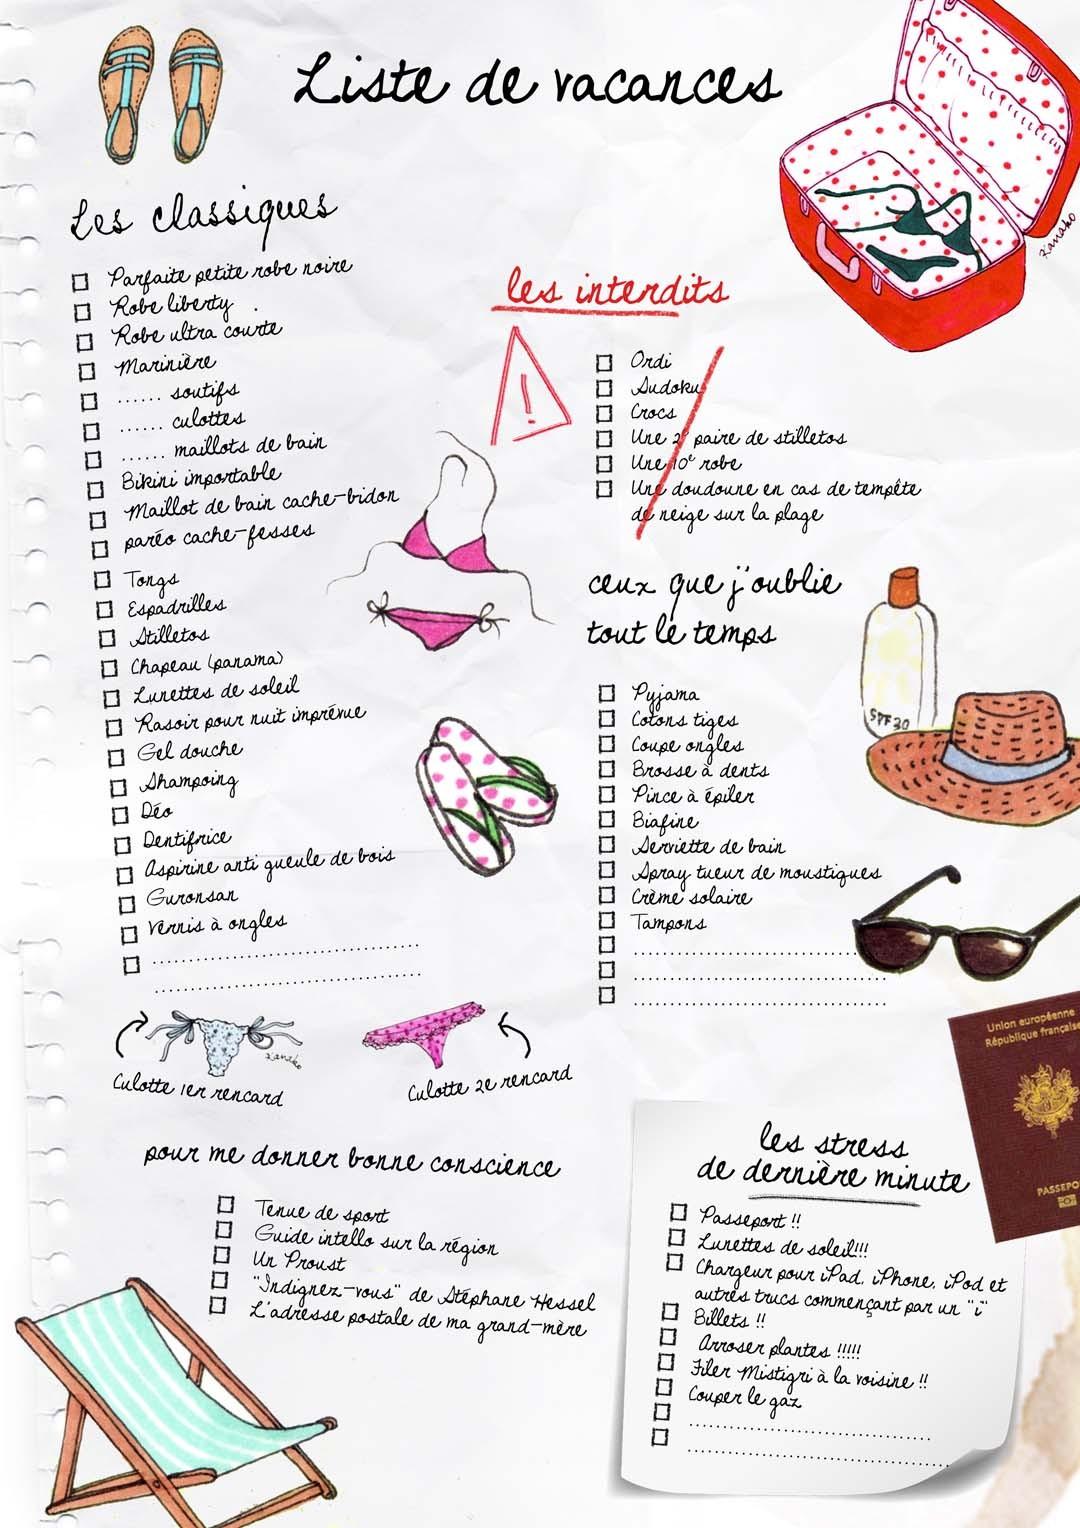 Liste de Vacances dessinée par Kanako